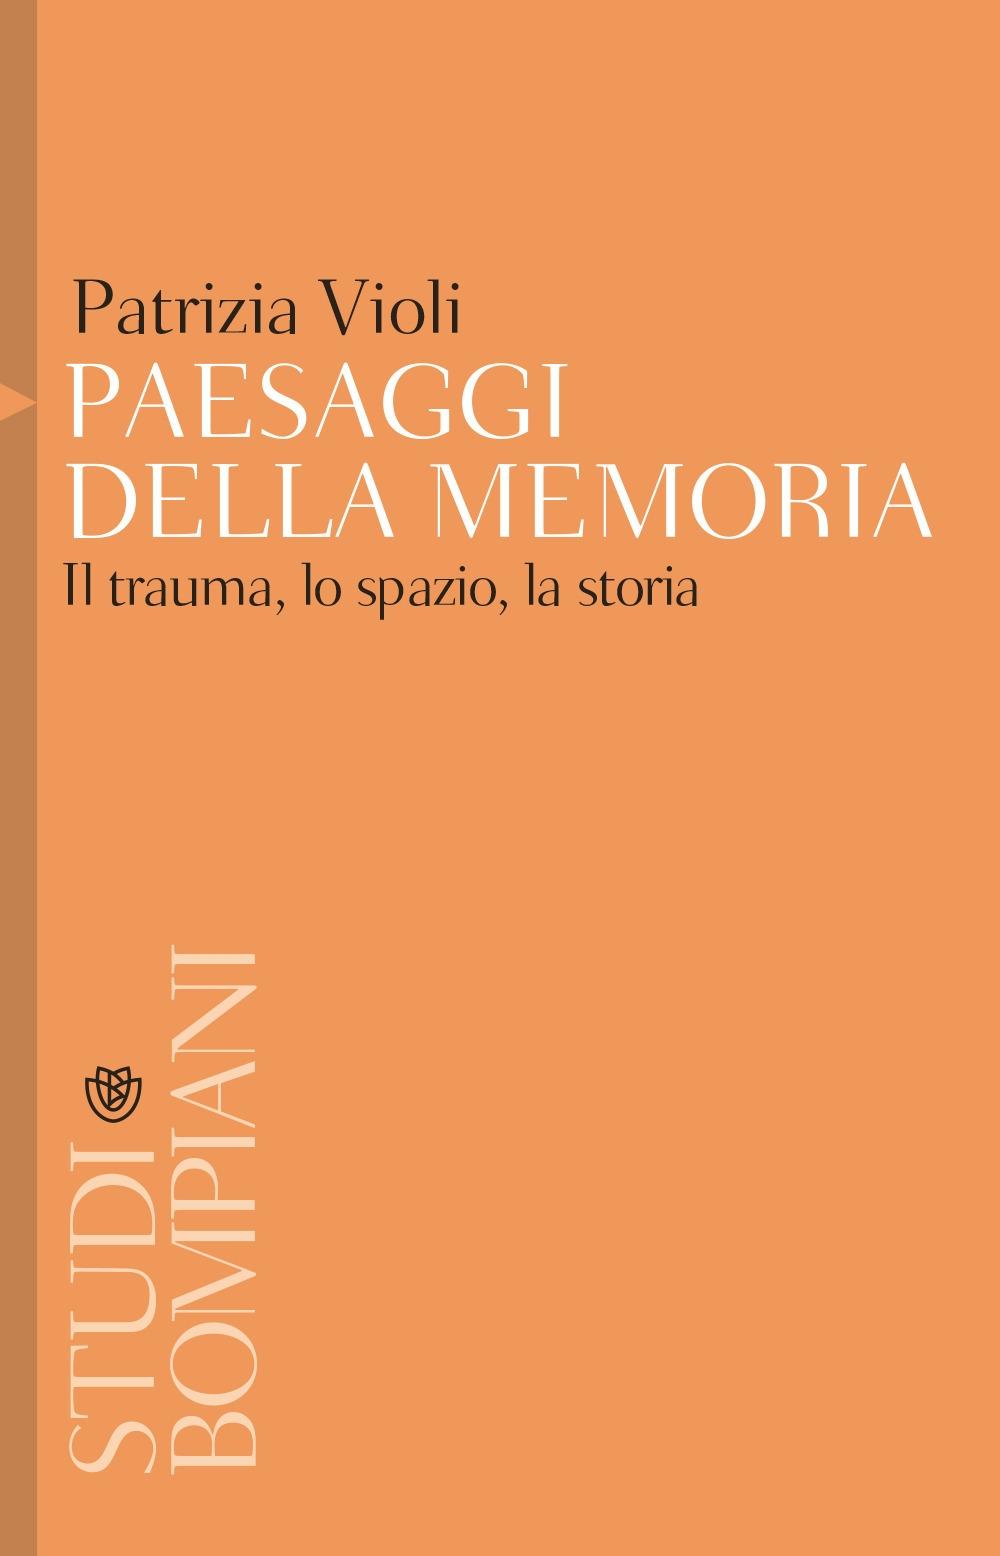 Paesaggi della memoria. Il trauma, lo spazio, la storia